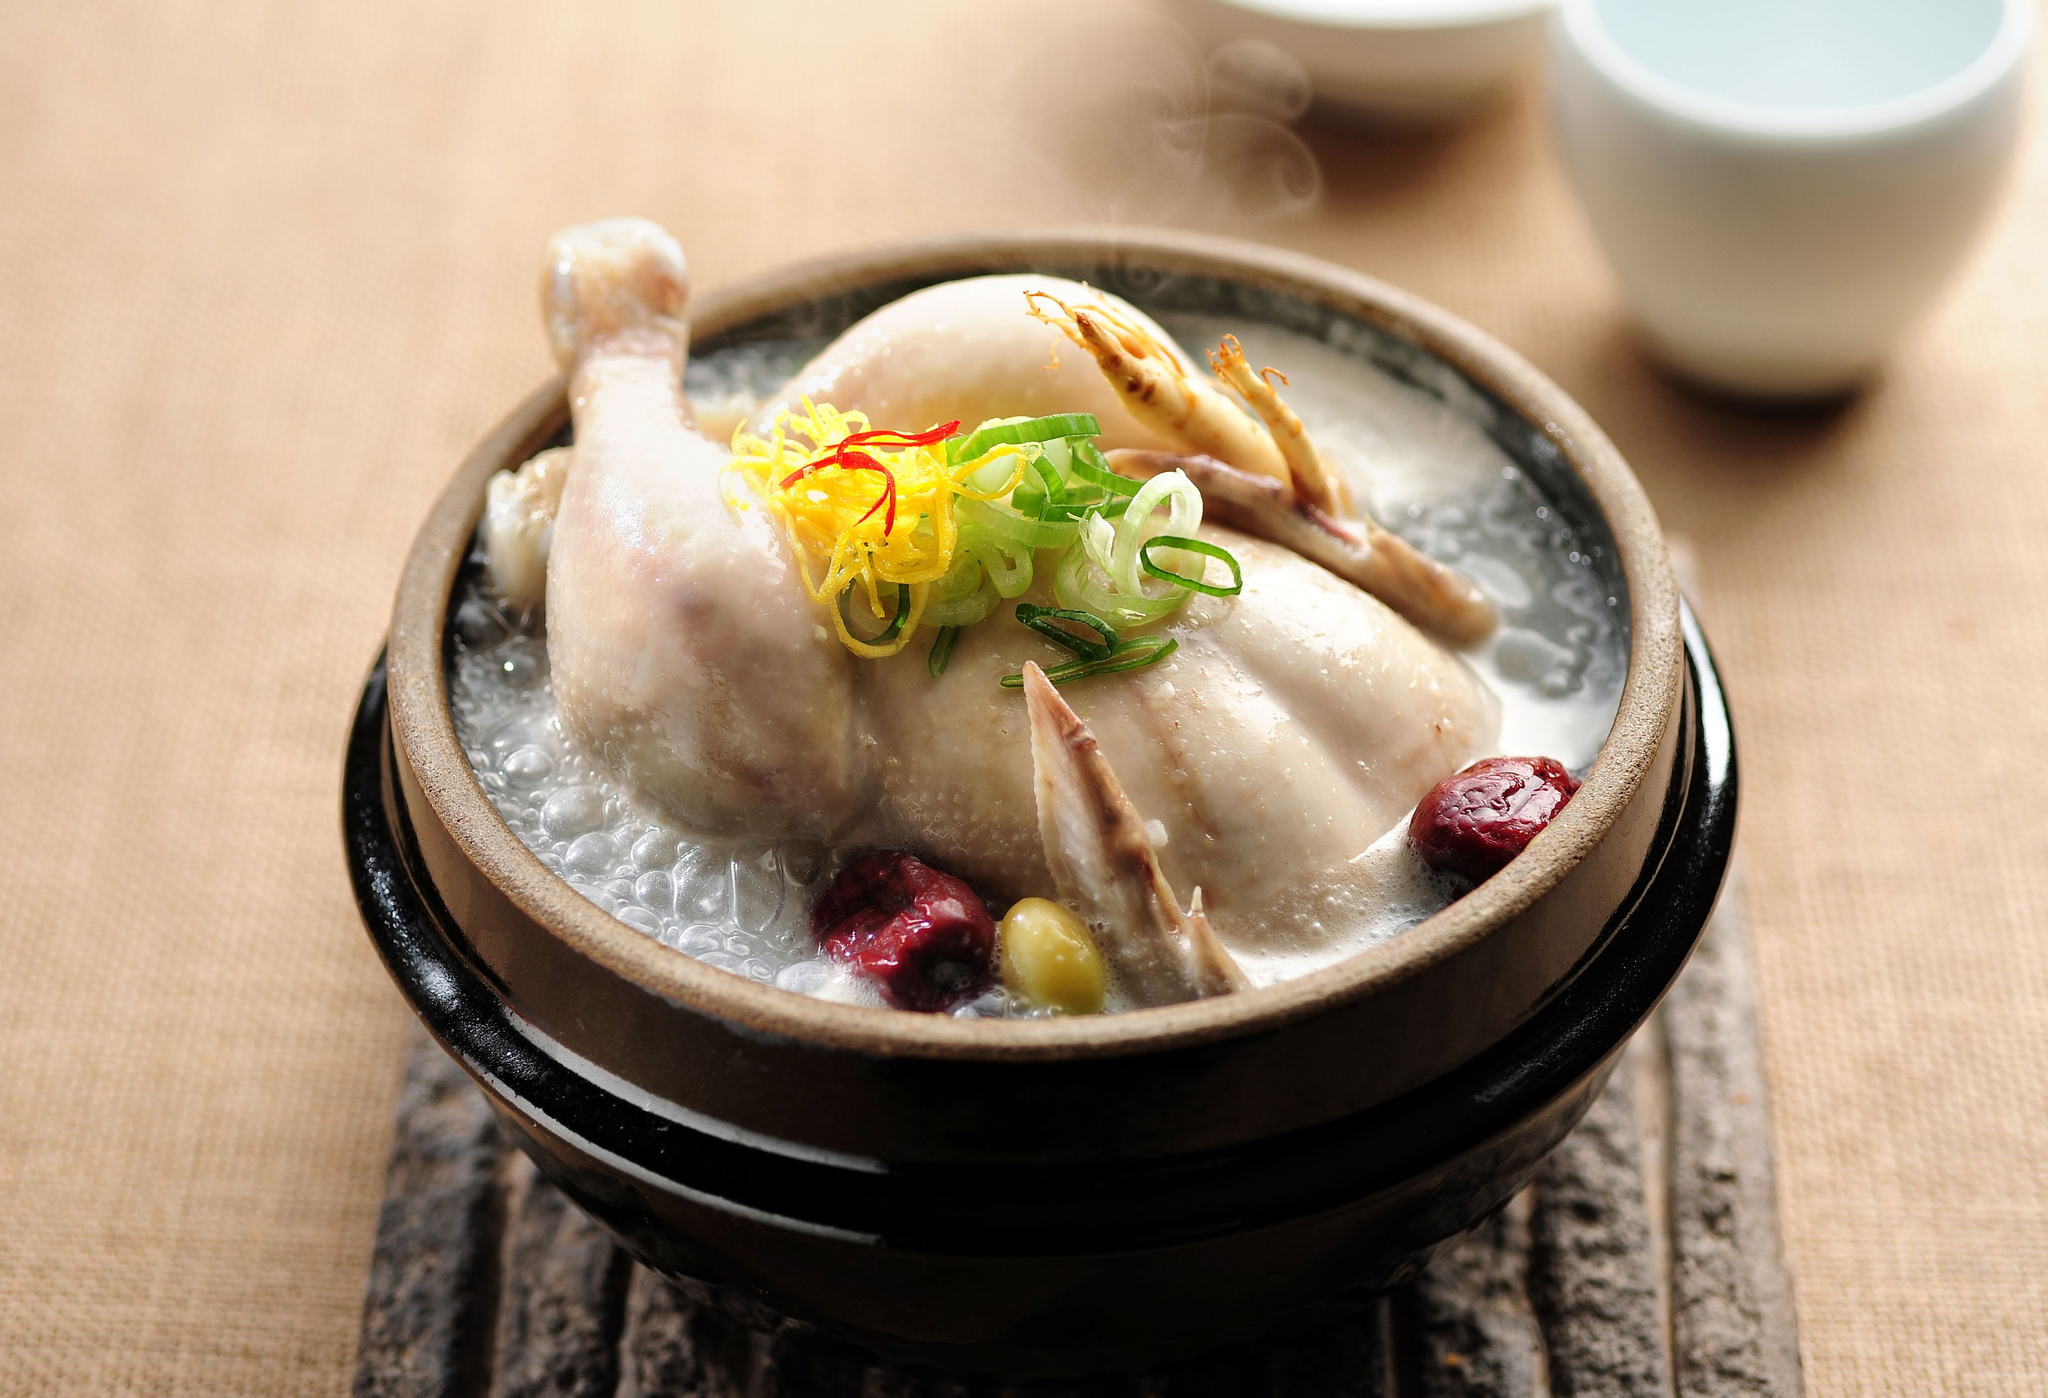 서울에서 '닭 좀 먹었다~'하는 사람들이 모두 추천하는 닭 맛집을 소개할게요.